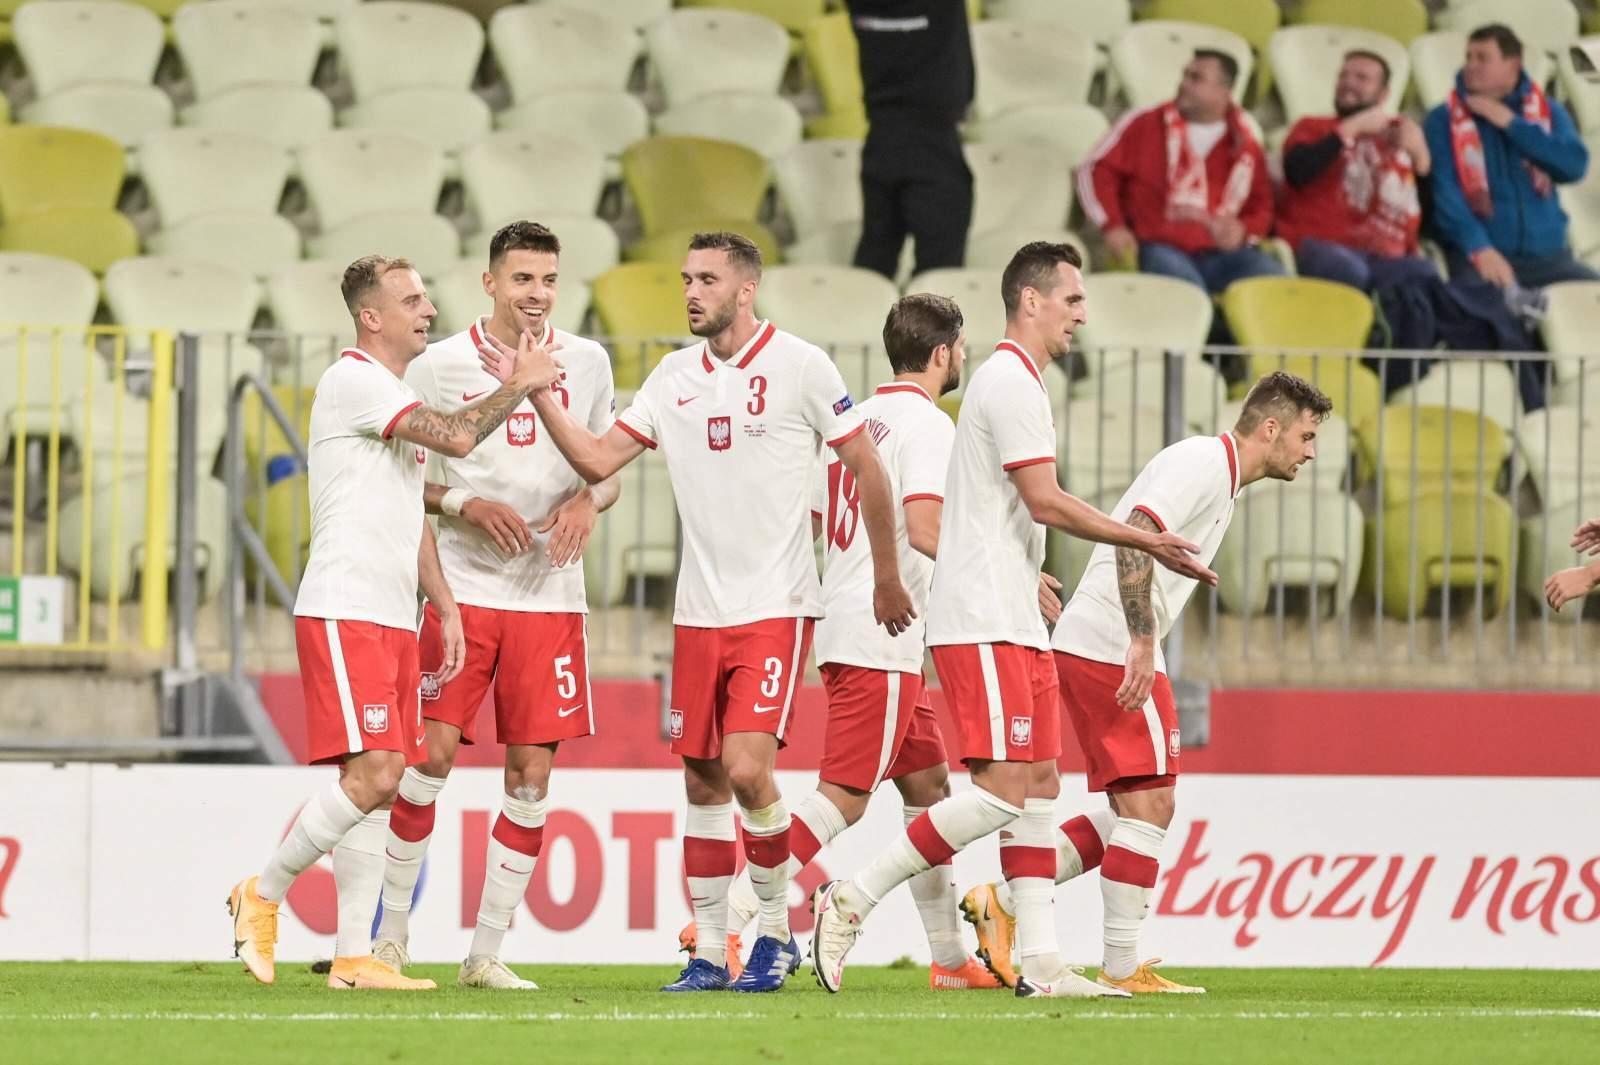 Сан-Марино – Польша: прогноз на матч отборочного цикла чемпионата мира-2022 - 5 сентября 2021